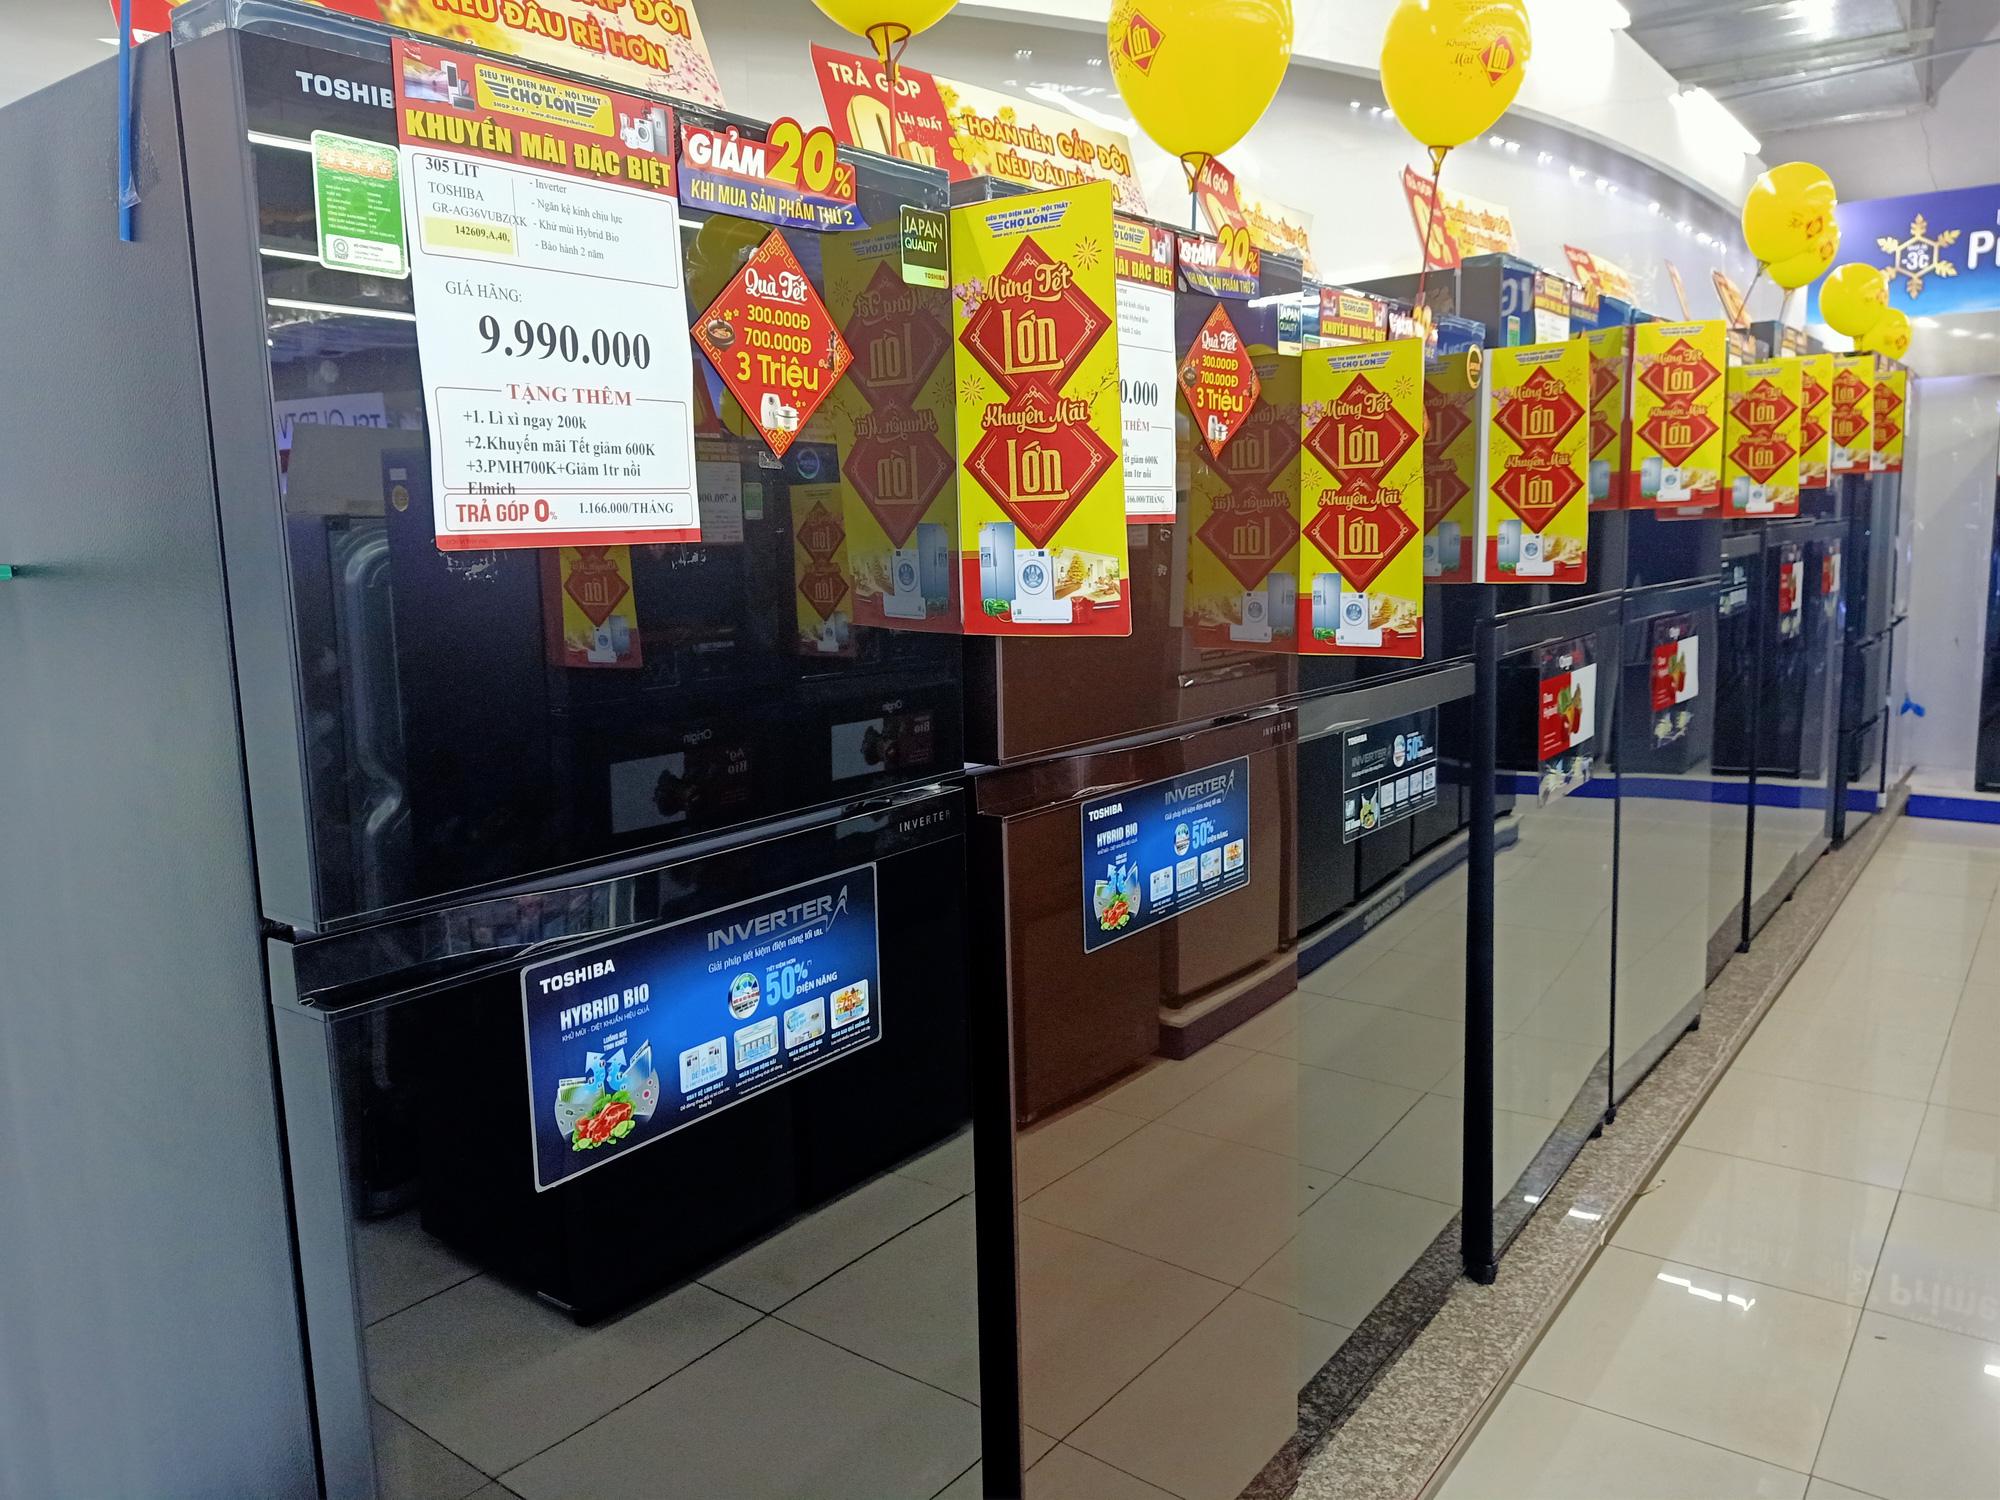 Điện lạnh giảm giá tuần này: Máy lạnh, tủ lạnh nhiều ưu đãi - Ảnh 2.